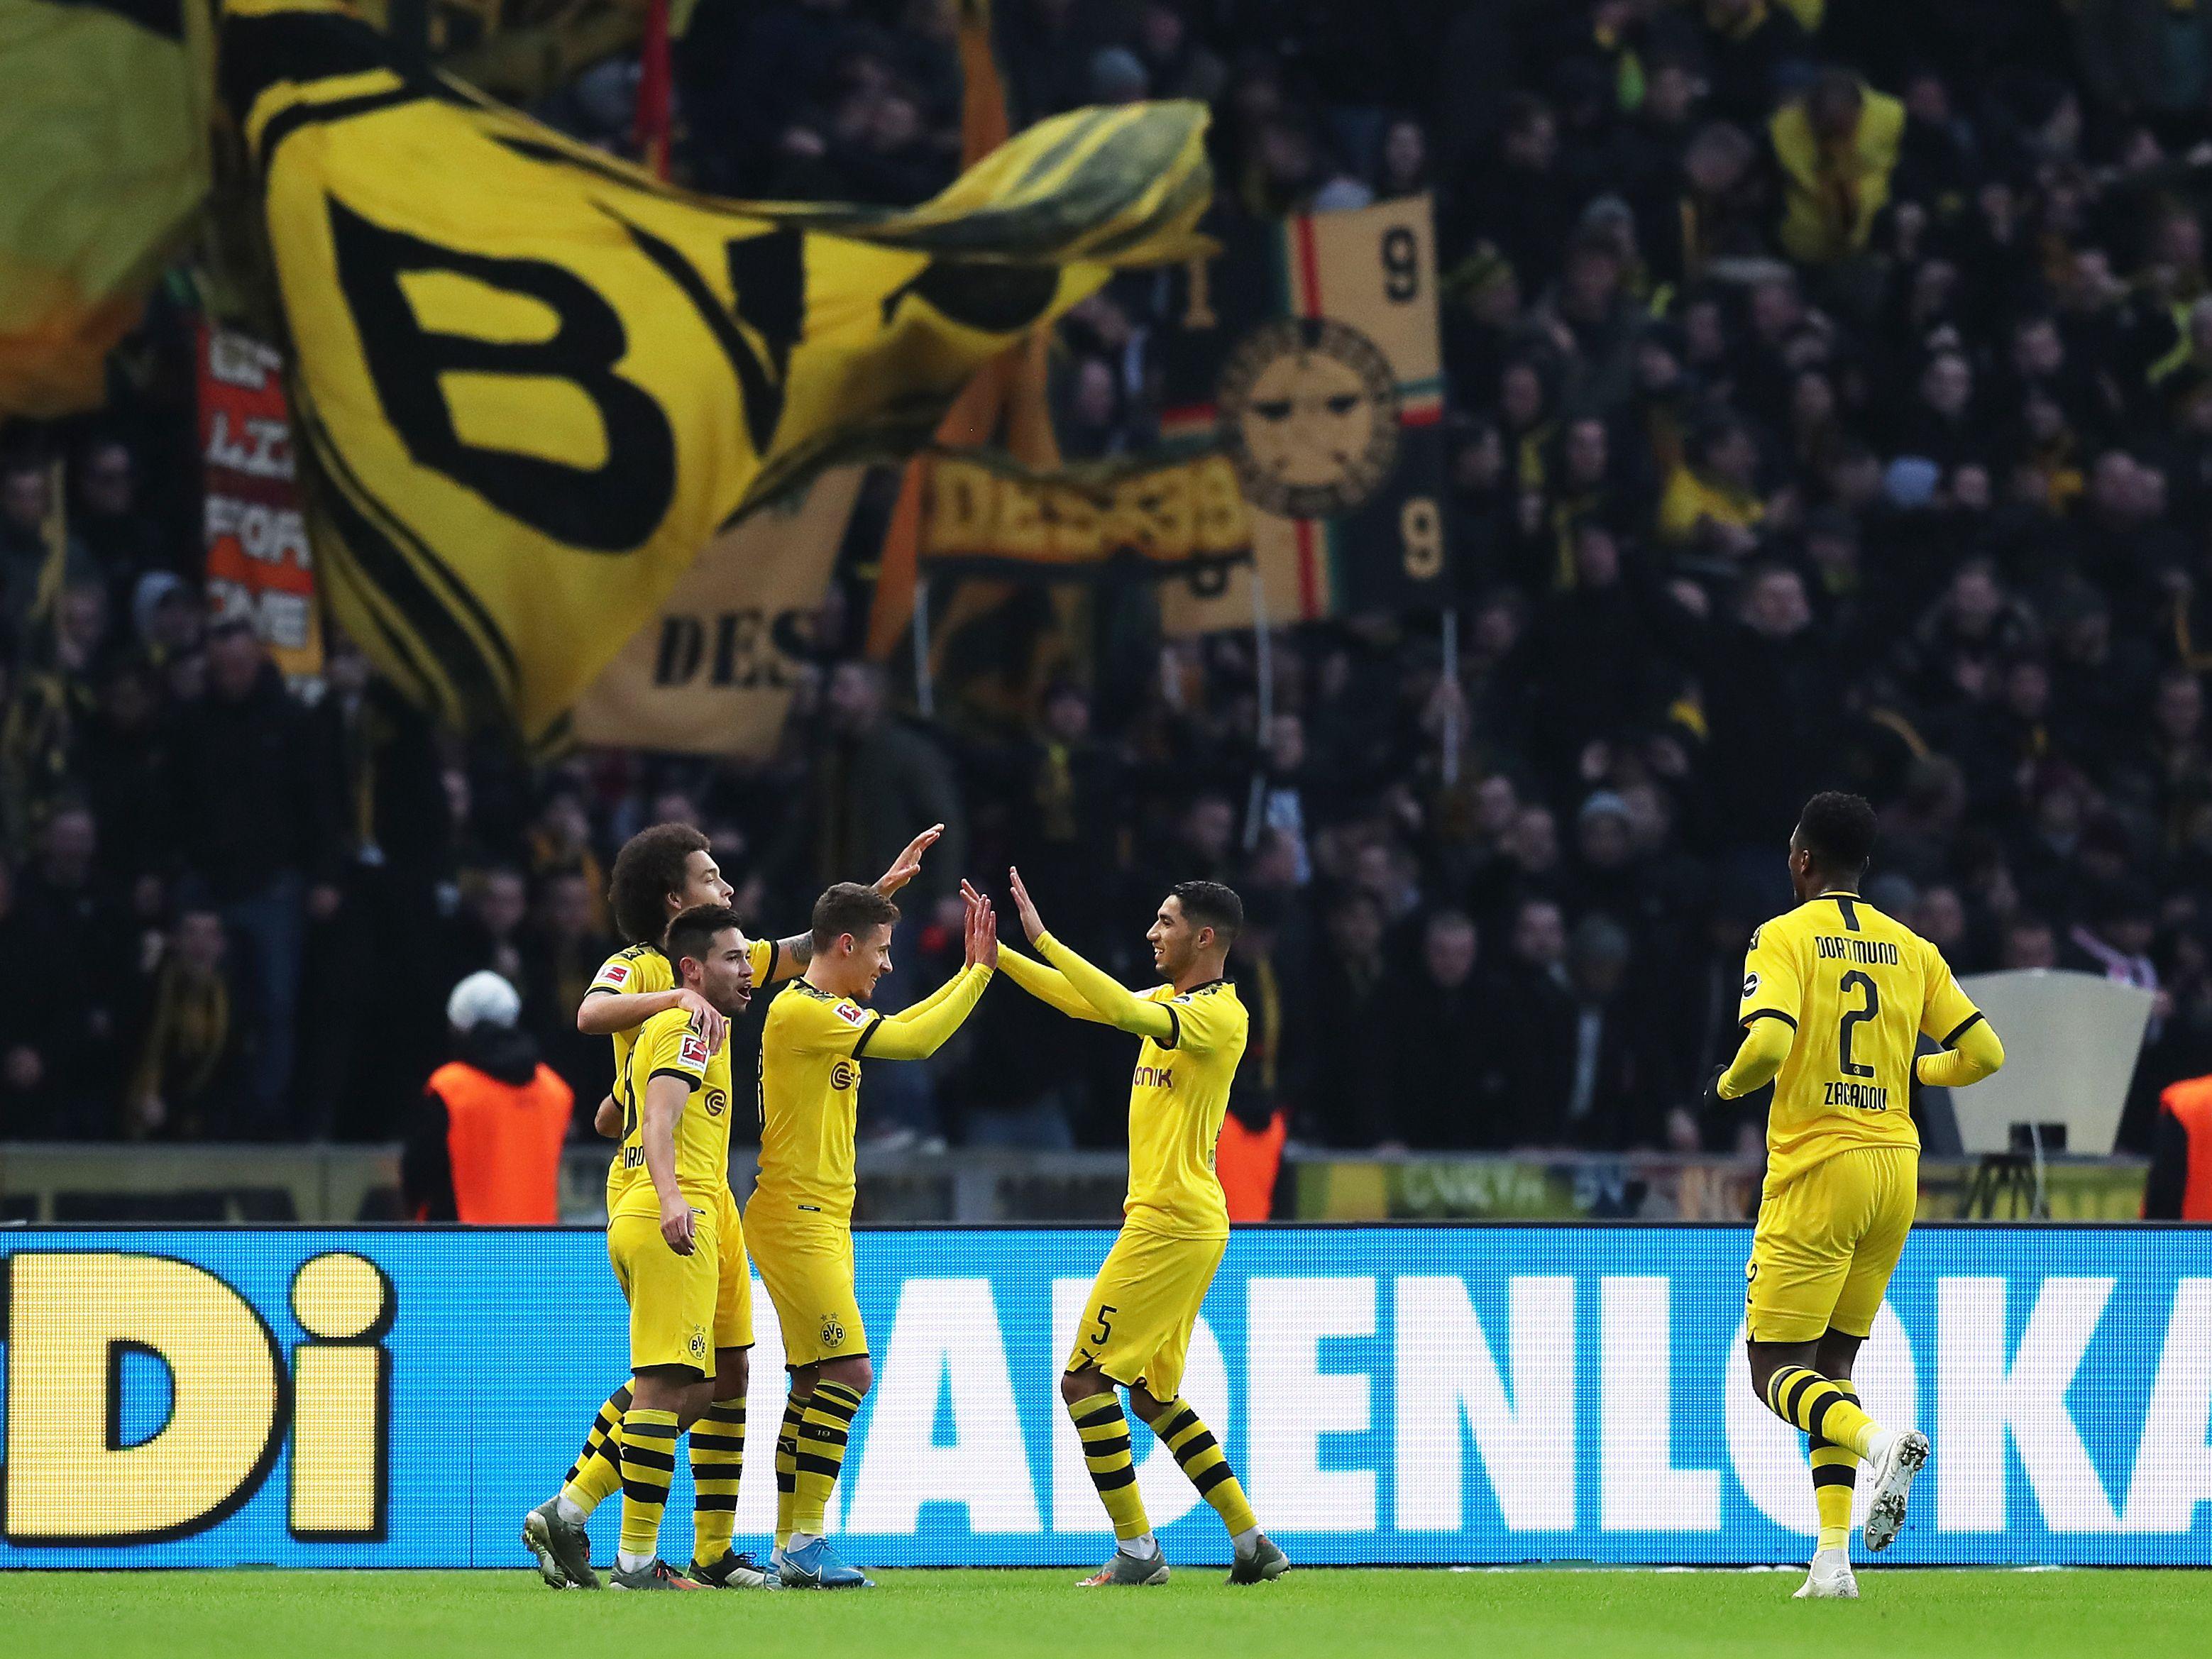 Schwarz-Gelbe-Freude: Dortmunder beim Torjubel.